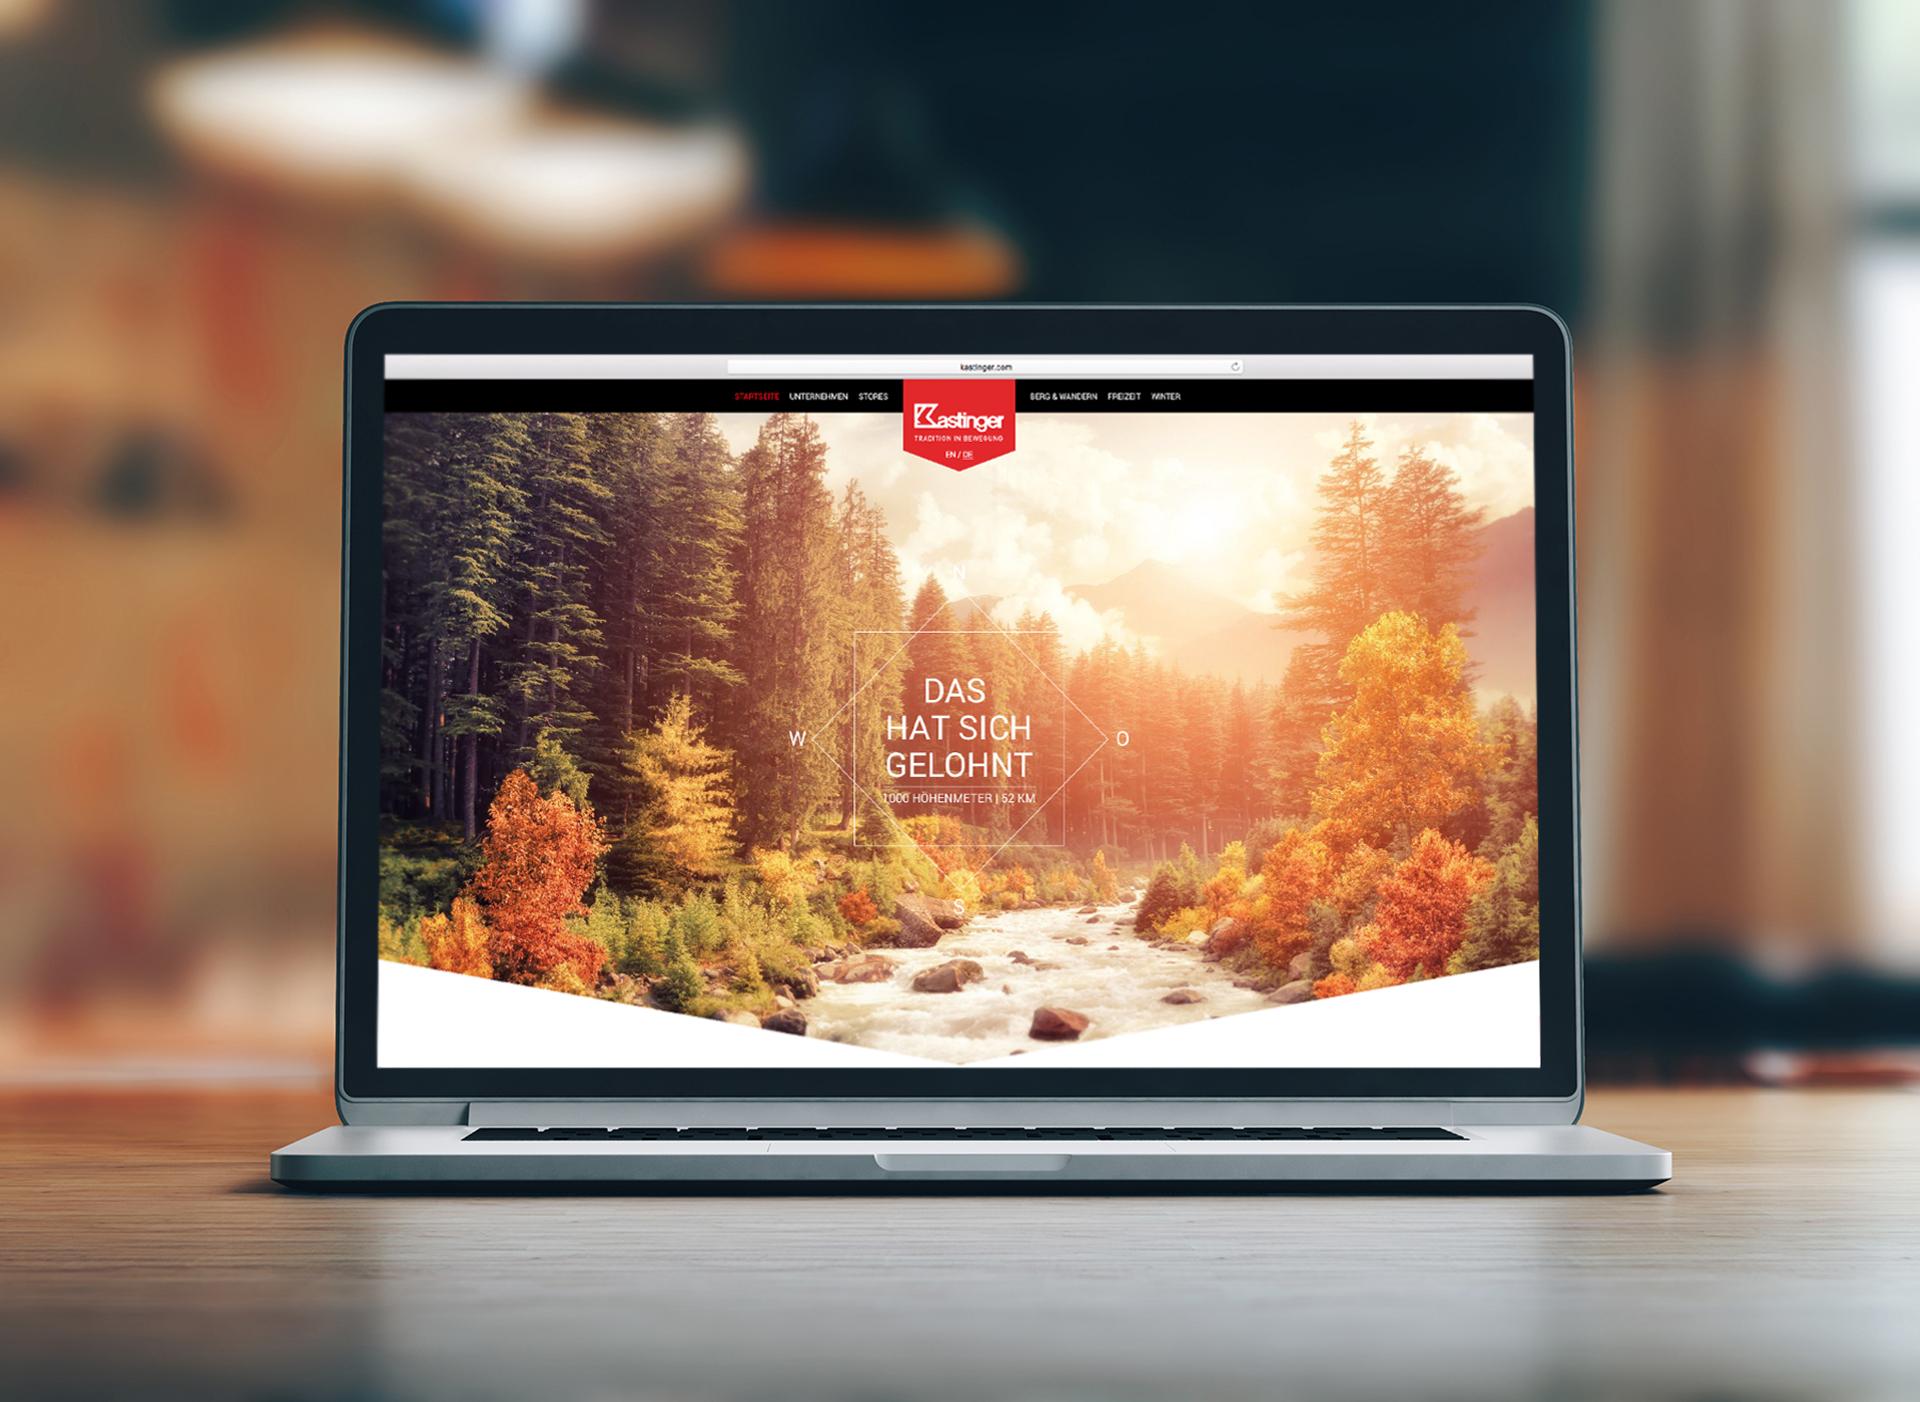 Sabath Media Werbeagentur - Kastinger – Projektbeispiel - Referenzbild 1